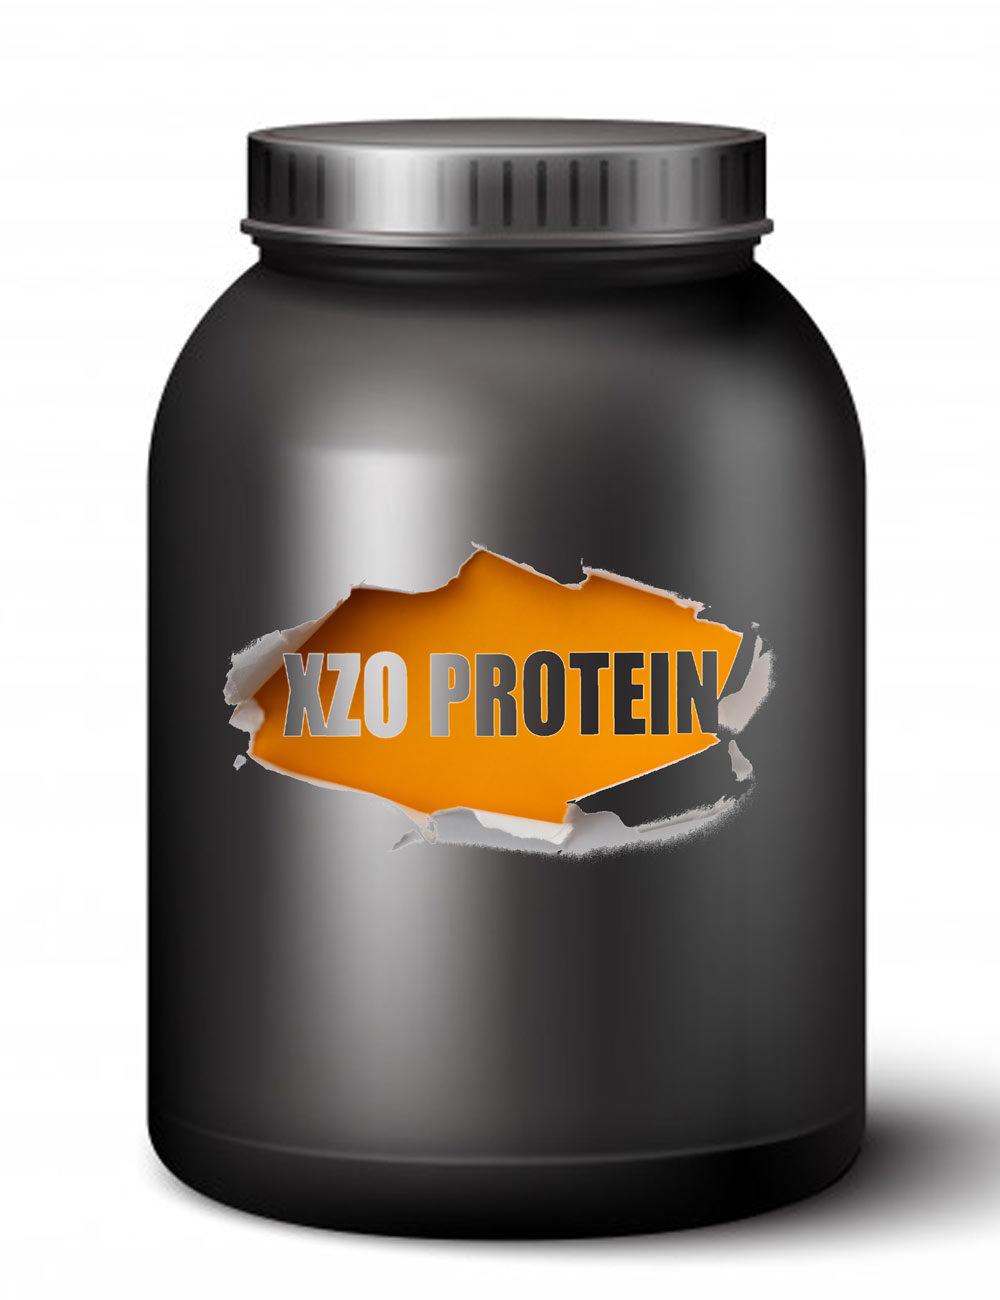 Купить протеин оптом комплексный протеин XZO Nutrition 5 кг.- отзывы, цена, состав - спортивное питание оптом в Украине tvoy-prot.com.ua